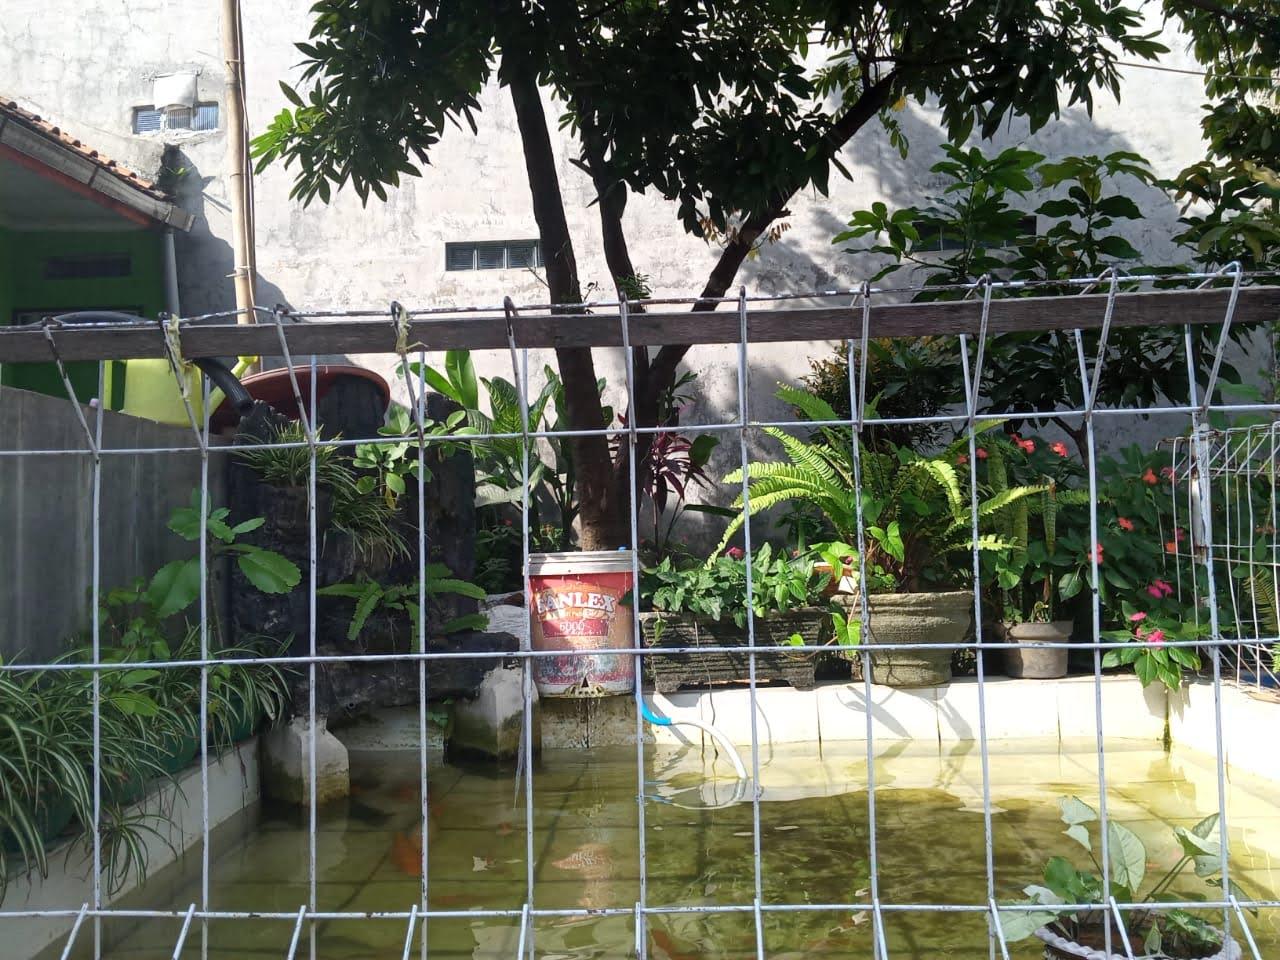 Foto Kolam Ikan di Samping Teras Taman